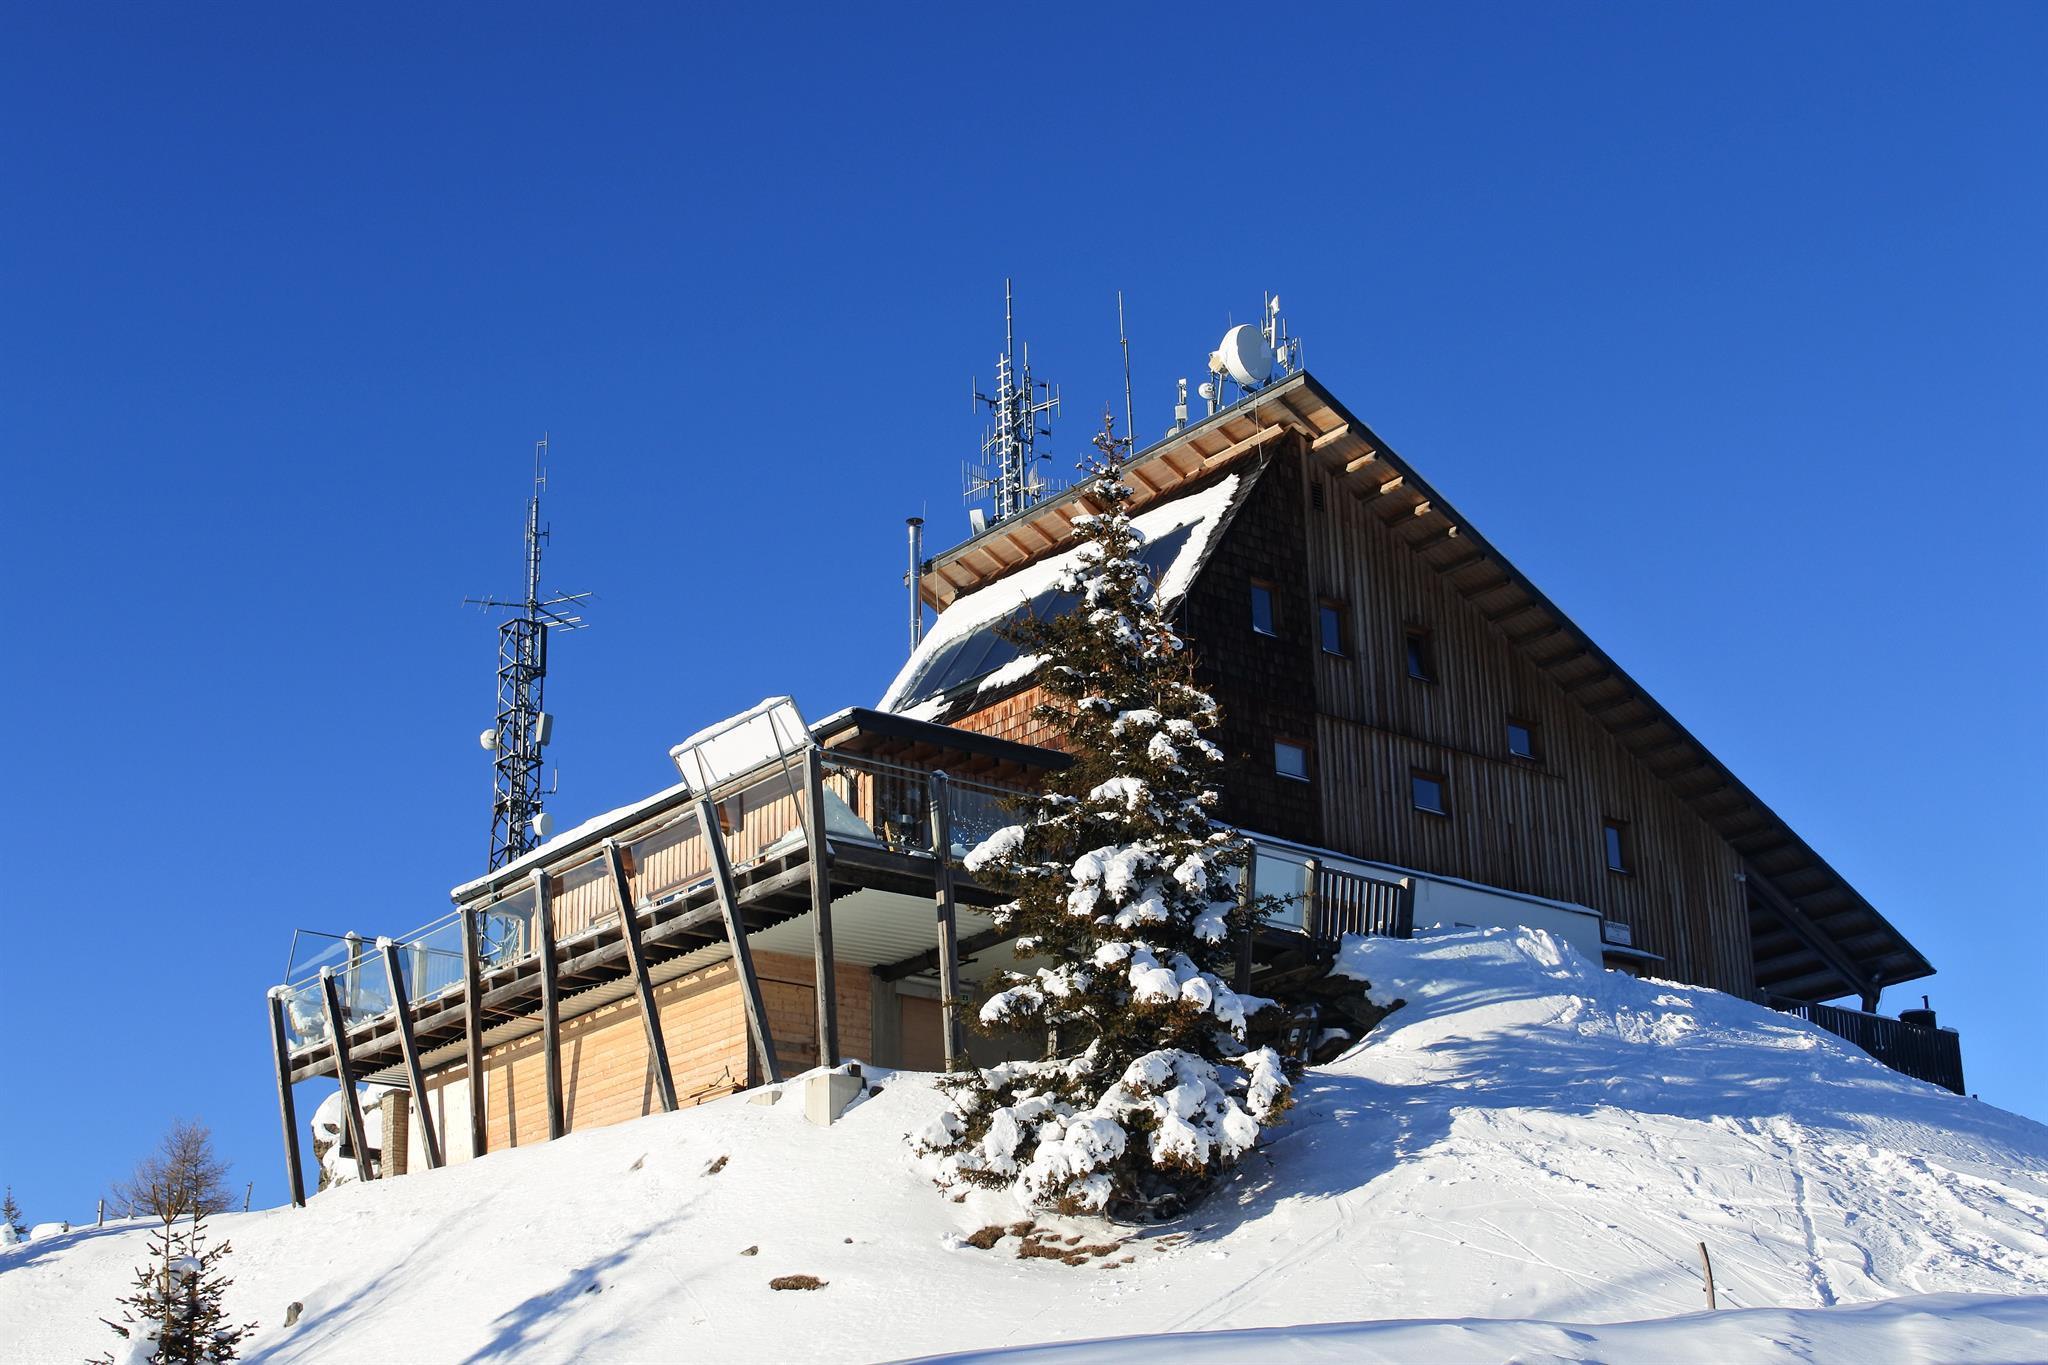 Hochsteinhuette-Winterbild.jpg